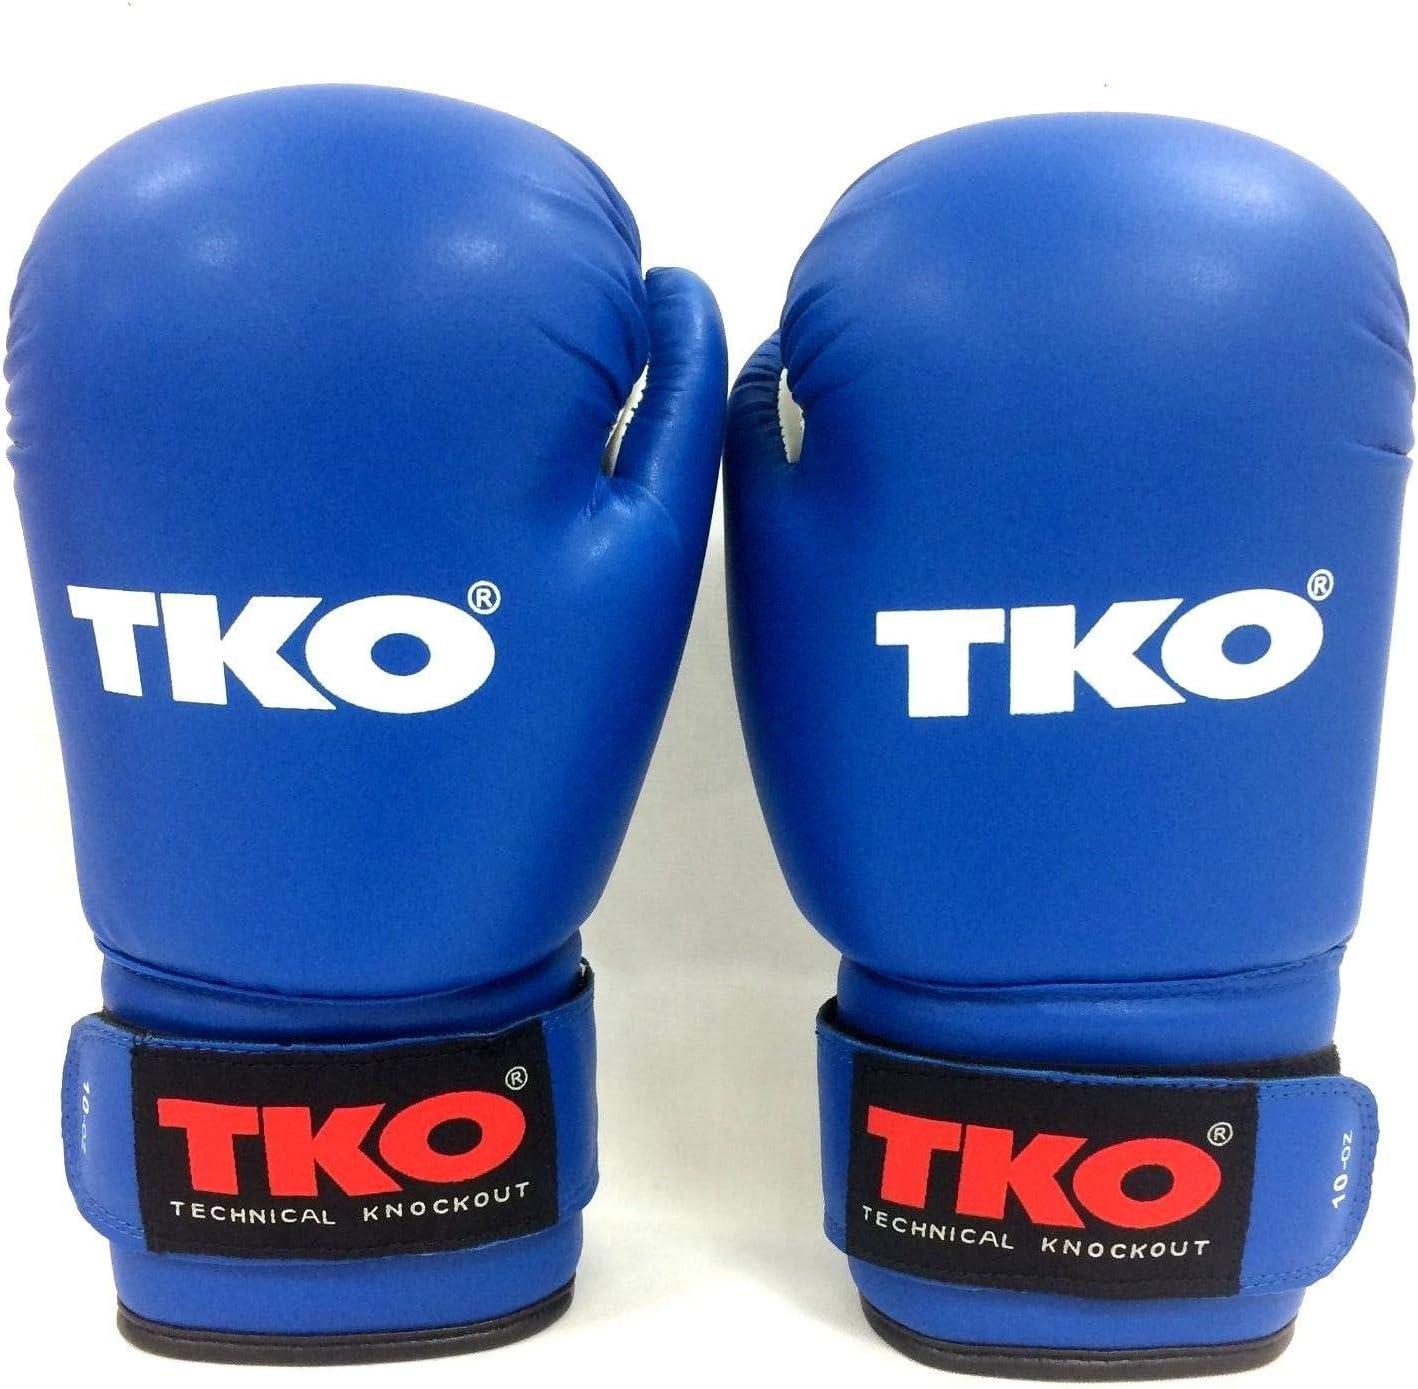 TKO ボクシンググローブ レザーブルー 16オンス